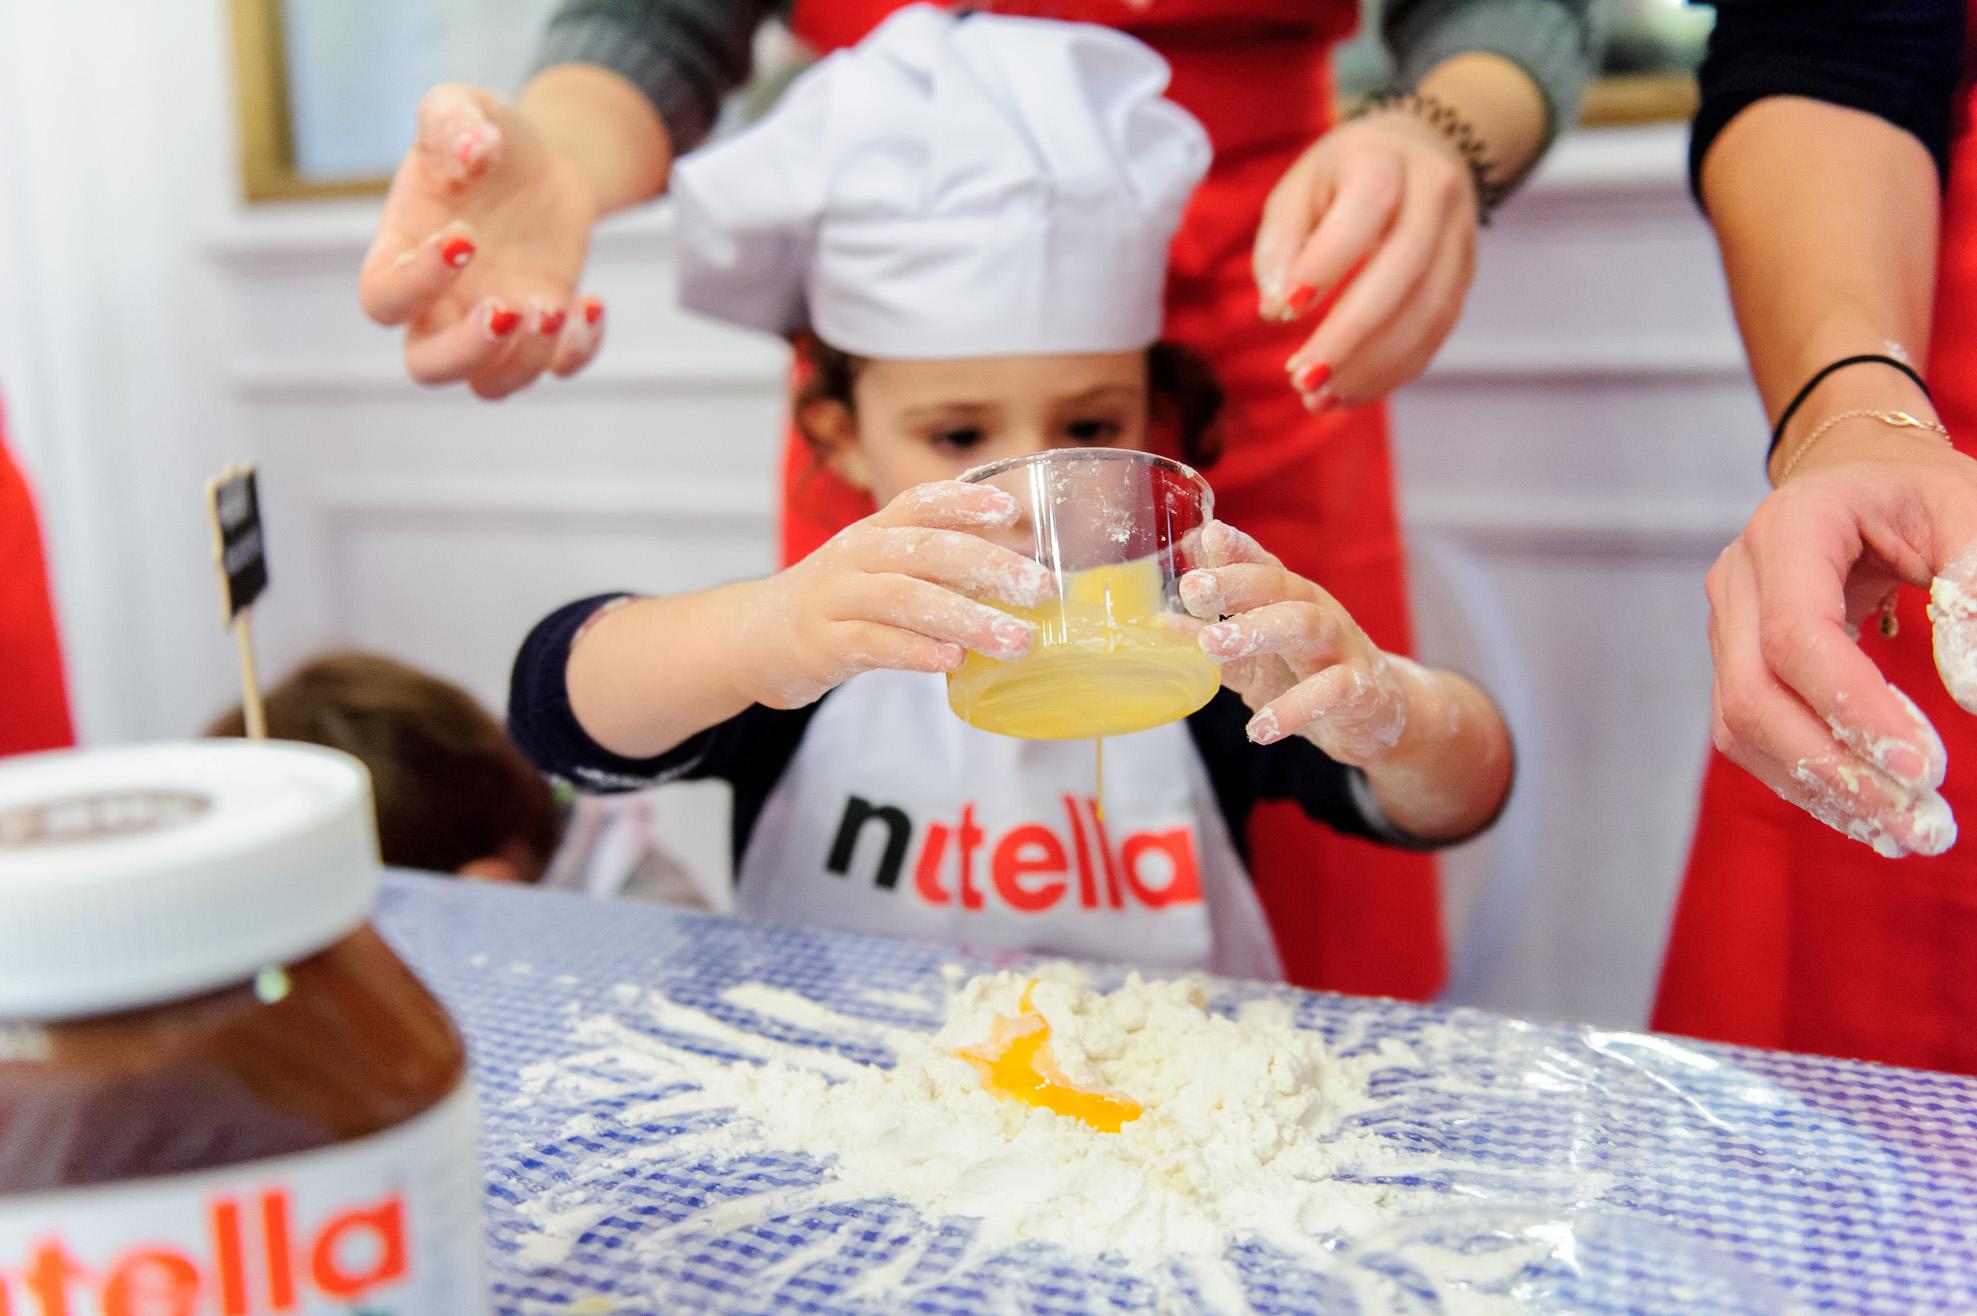 Taller 'Recetas de Nutella con Samantha Vallejo-Nágera' en Consulado Italiano (Madrid)